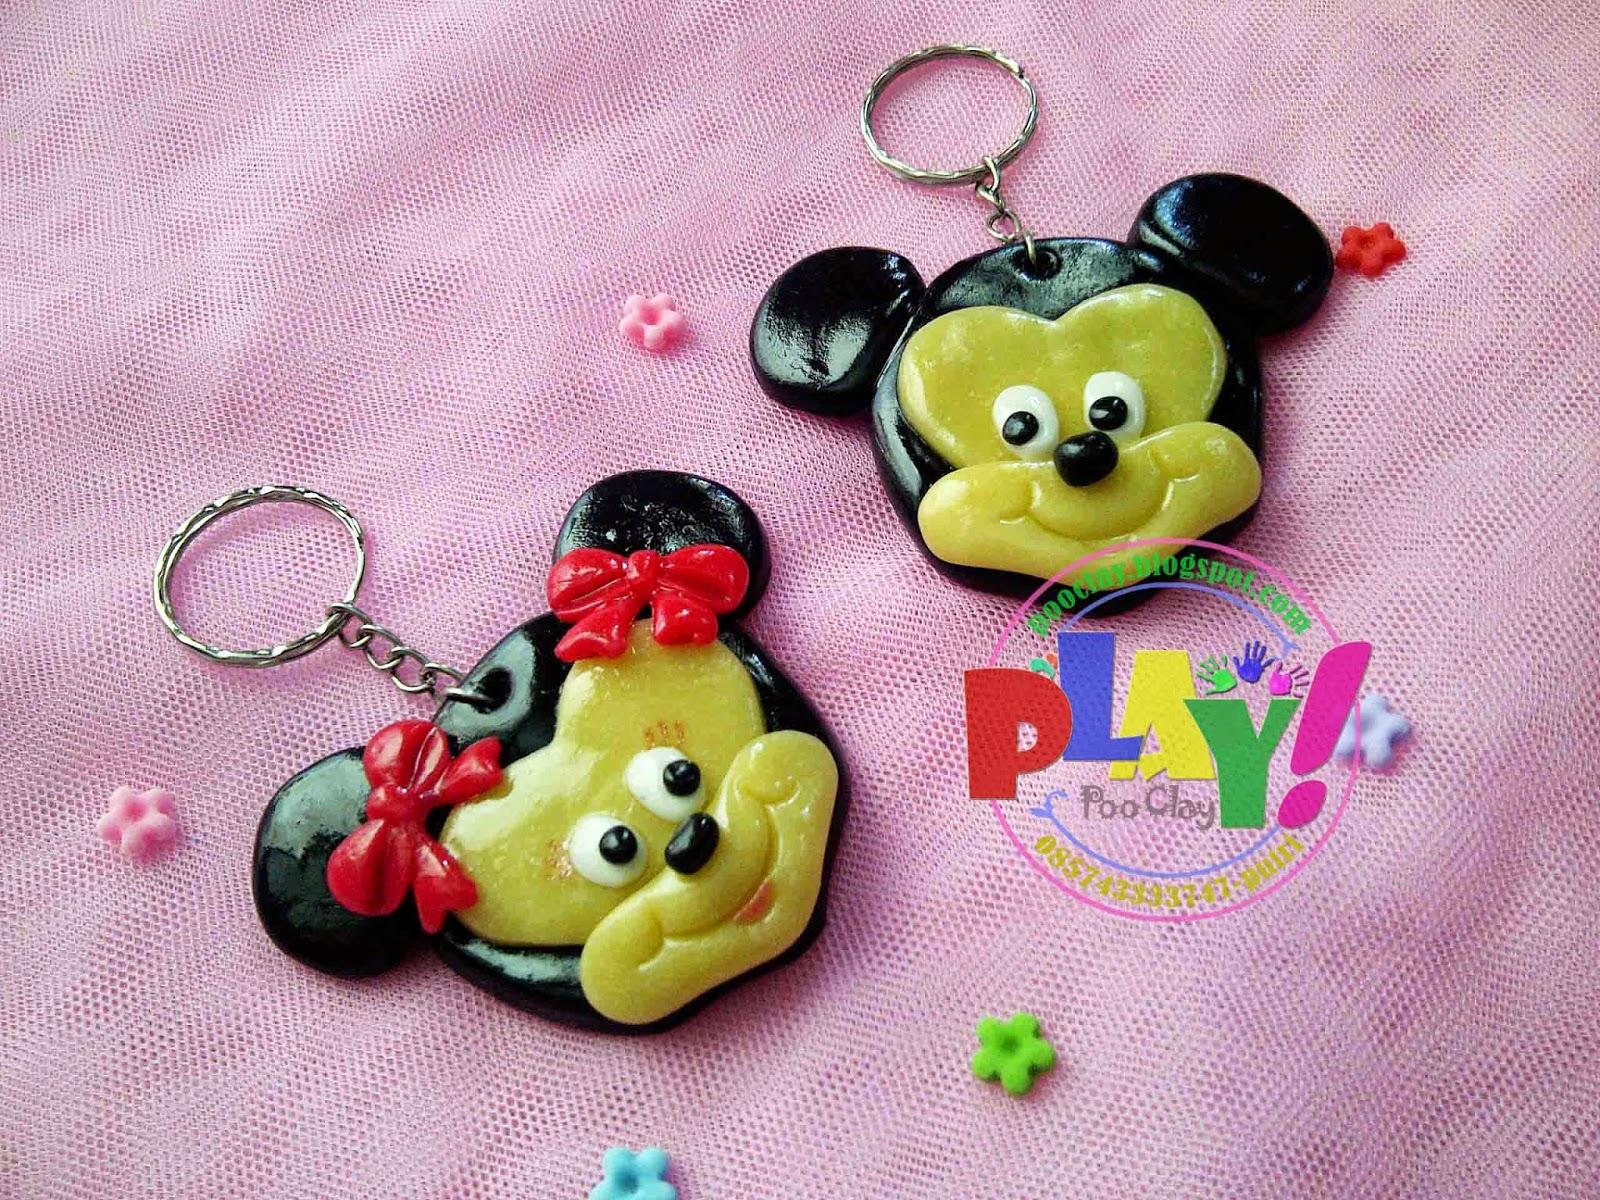 Souvenir Clay Gantungan Kunci Sovenir Jenis Tema Mickey Dan Minni Mouse Ukuran 5cm Untuk Bisa Ultah Ket Bentuk Warna Bervariasi Sesuai